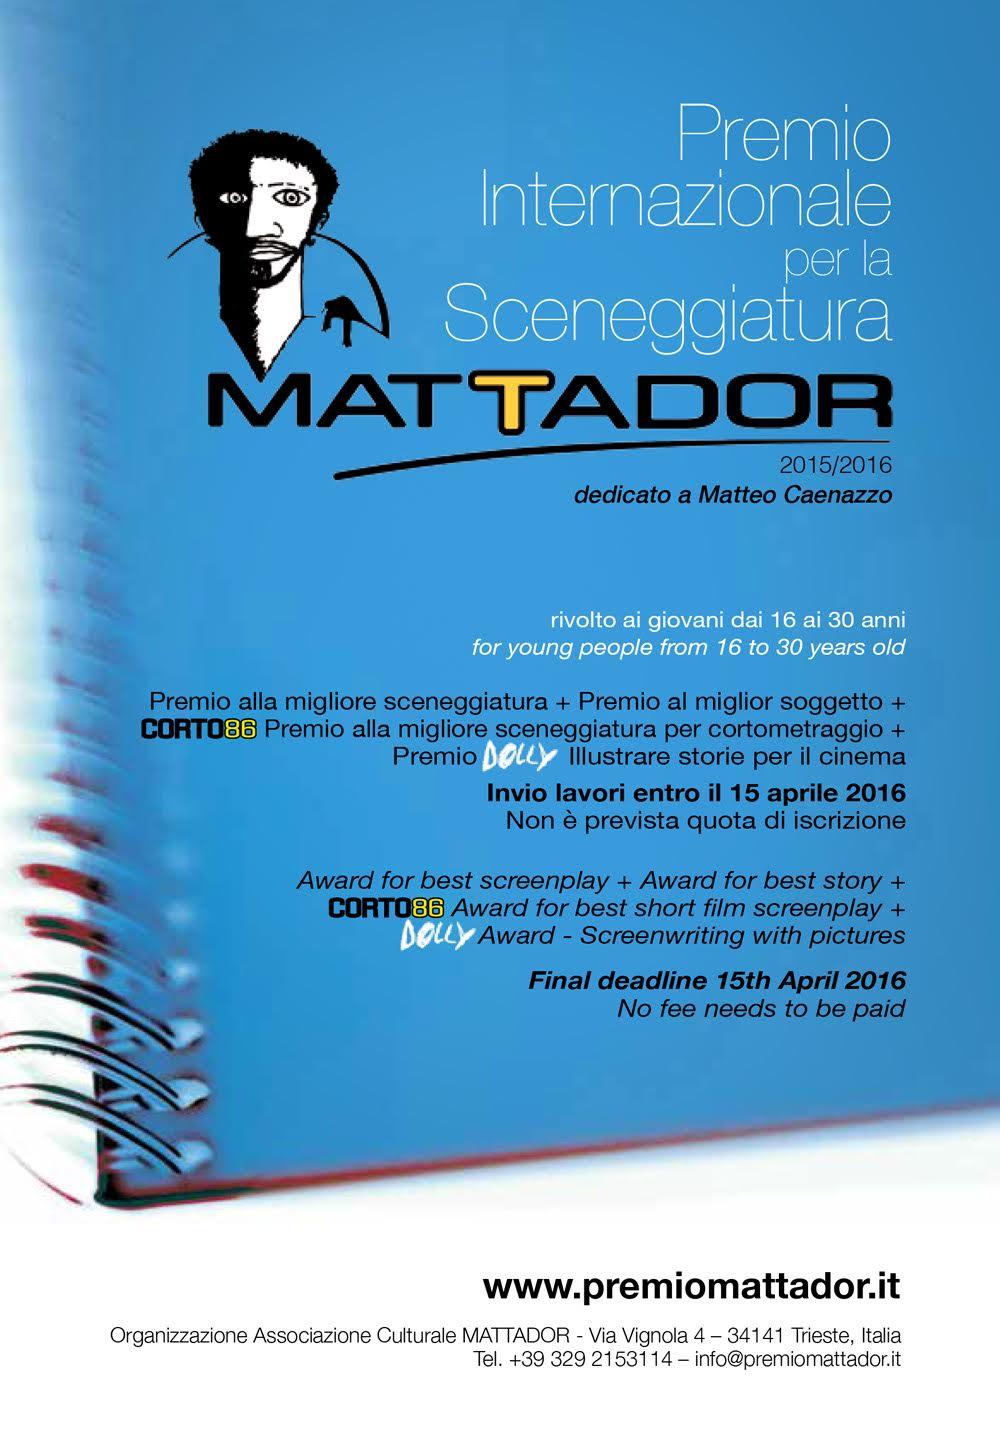 Concorsi Ed Opportunit Per Studenti Accademia Di Belle Arti Di Urbino